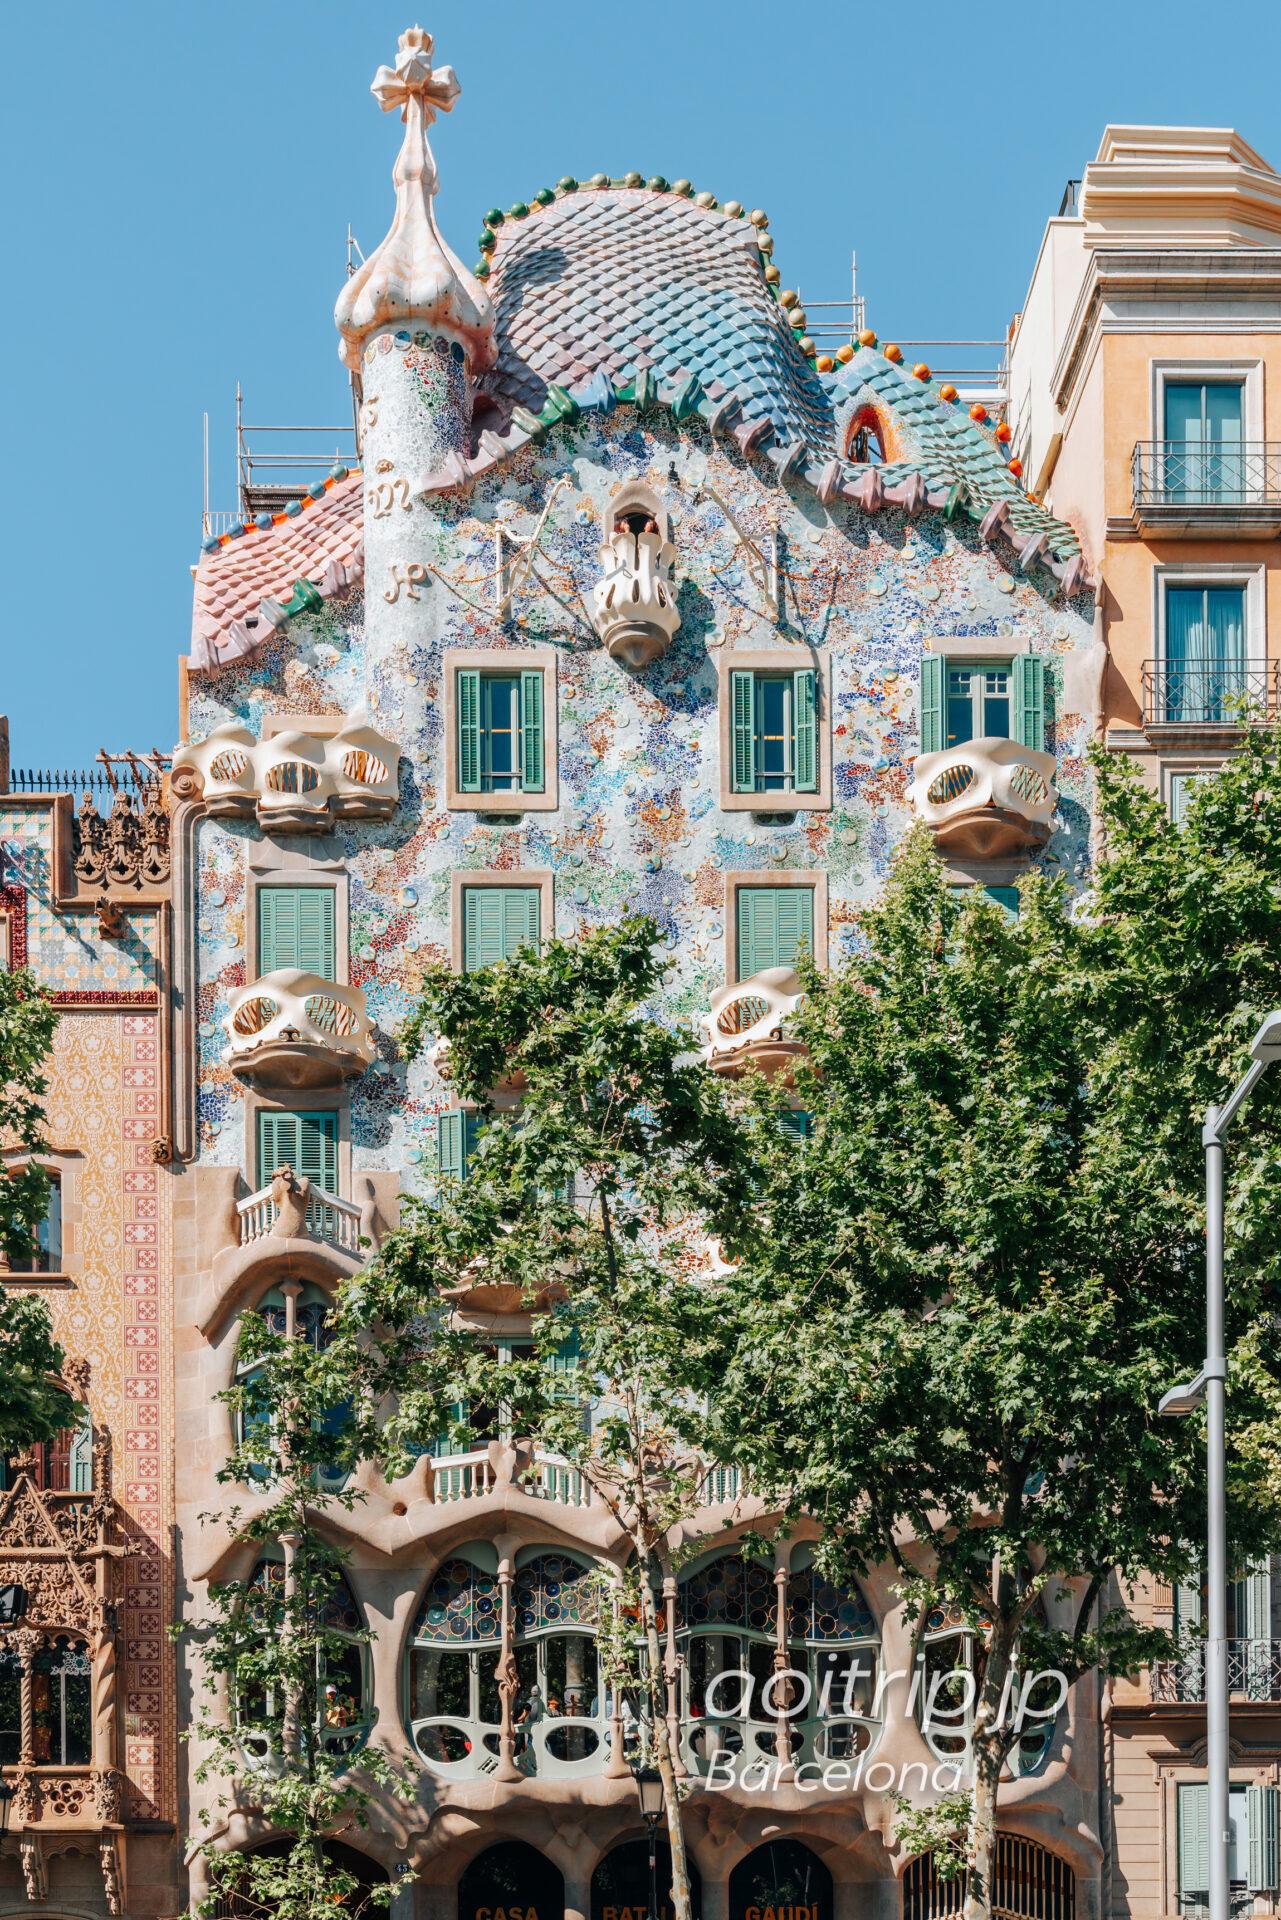 バルセロナ カサバトリョのファサード